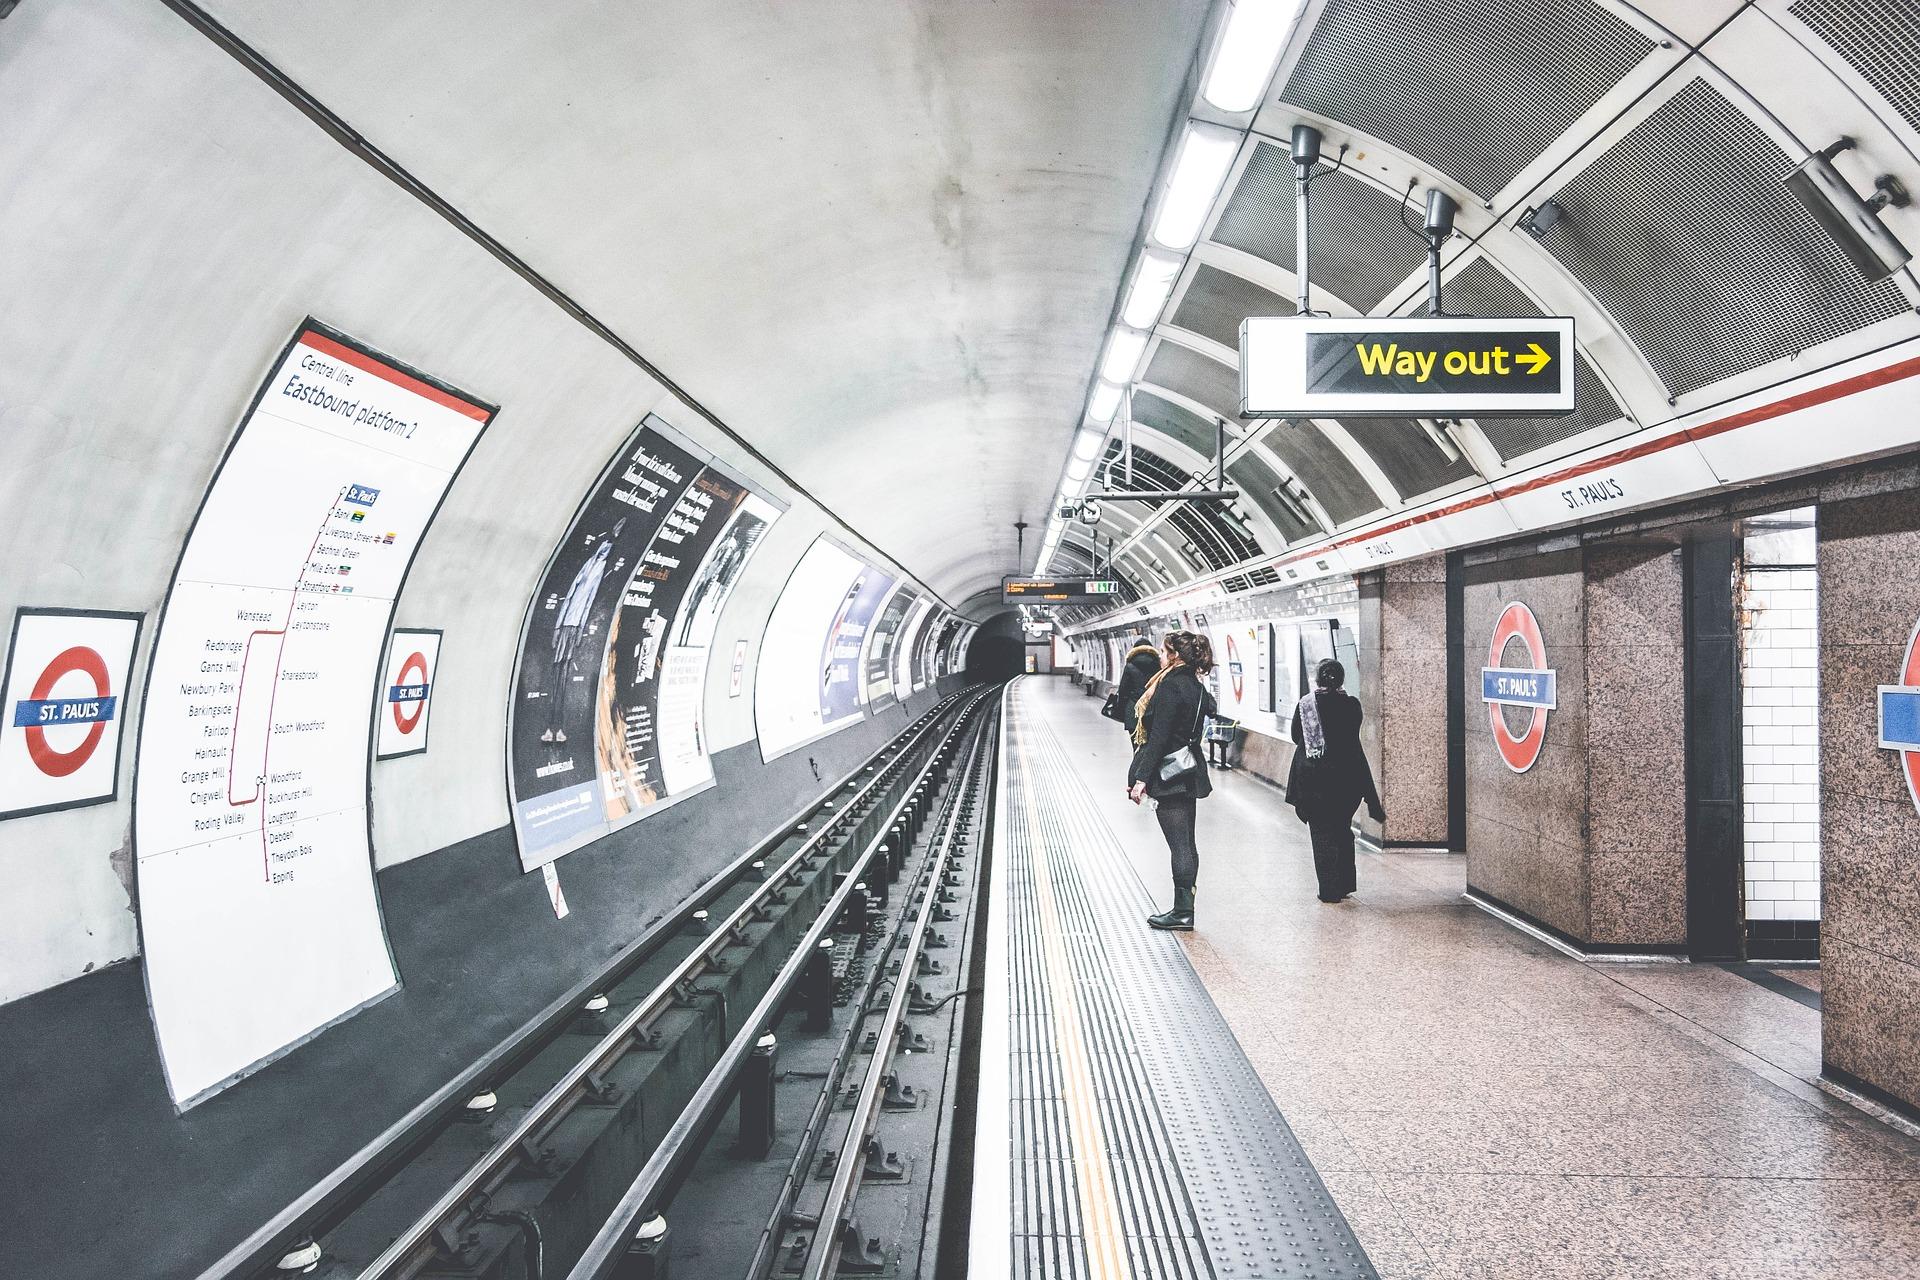 Μετρό, Λονδίνο, Σταθμός, Αγγλία, Anden, σας περιμένουμε - Wallpapers HD - Professor-falken.com